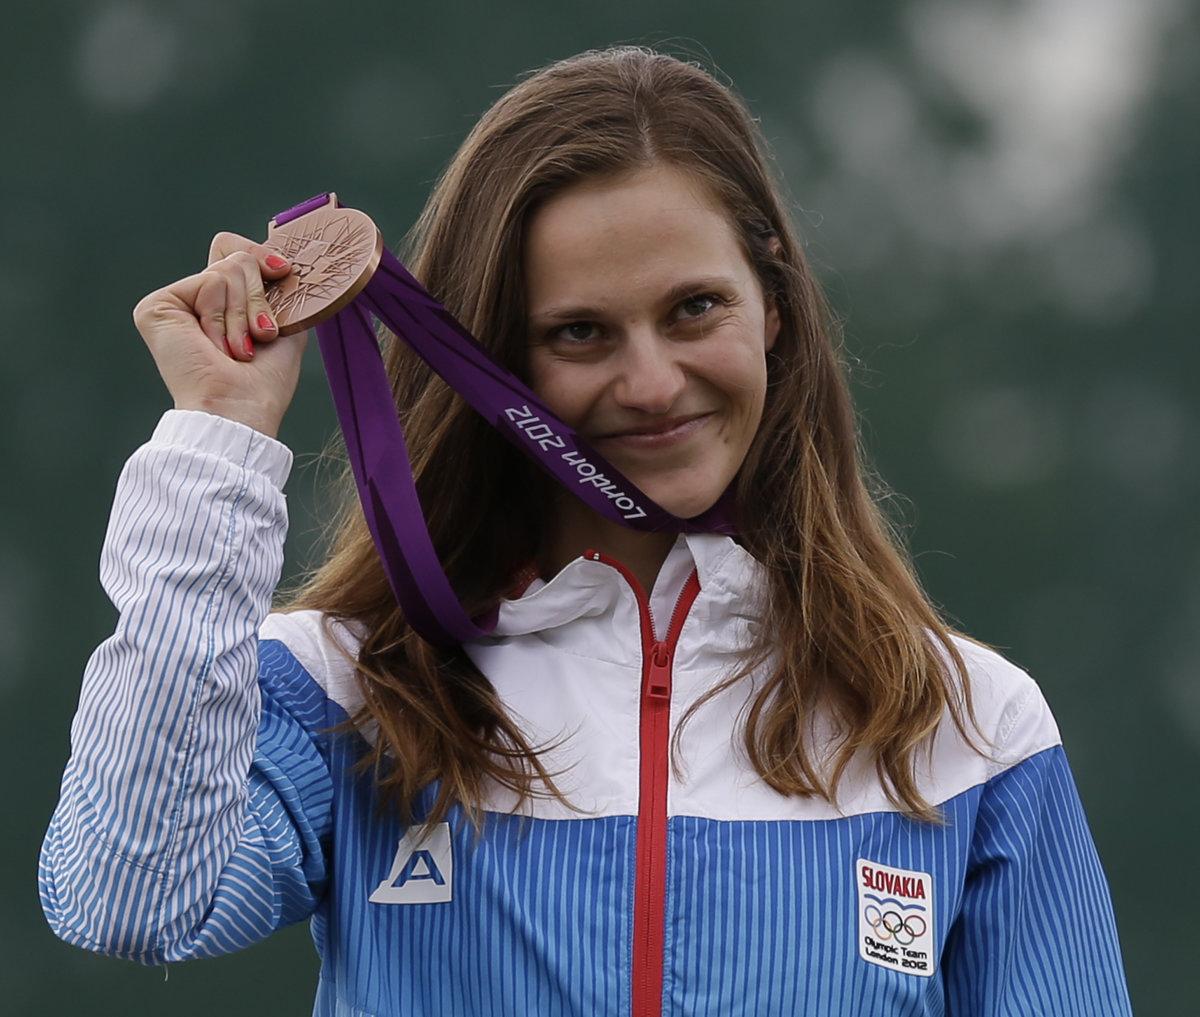 54c3d9f02 Danka Barteková je jedinou slovenskou športovkyňou, ktorá bude v Riu  obhajovať medailu z predchádzajúcich olympijských